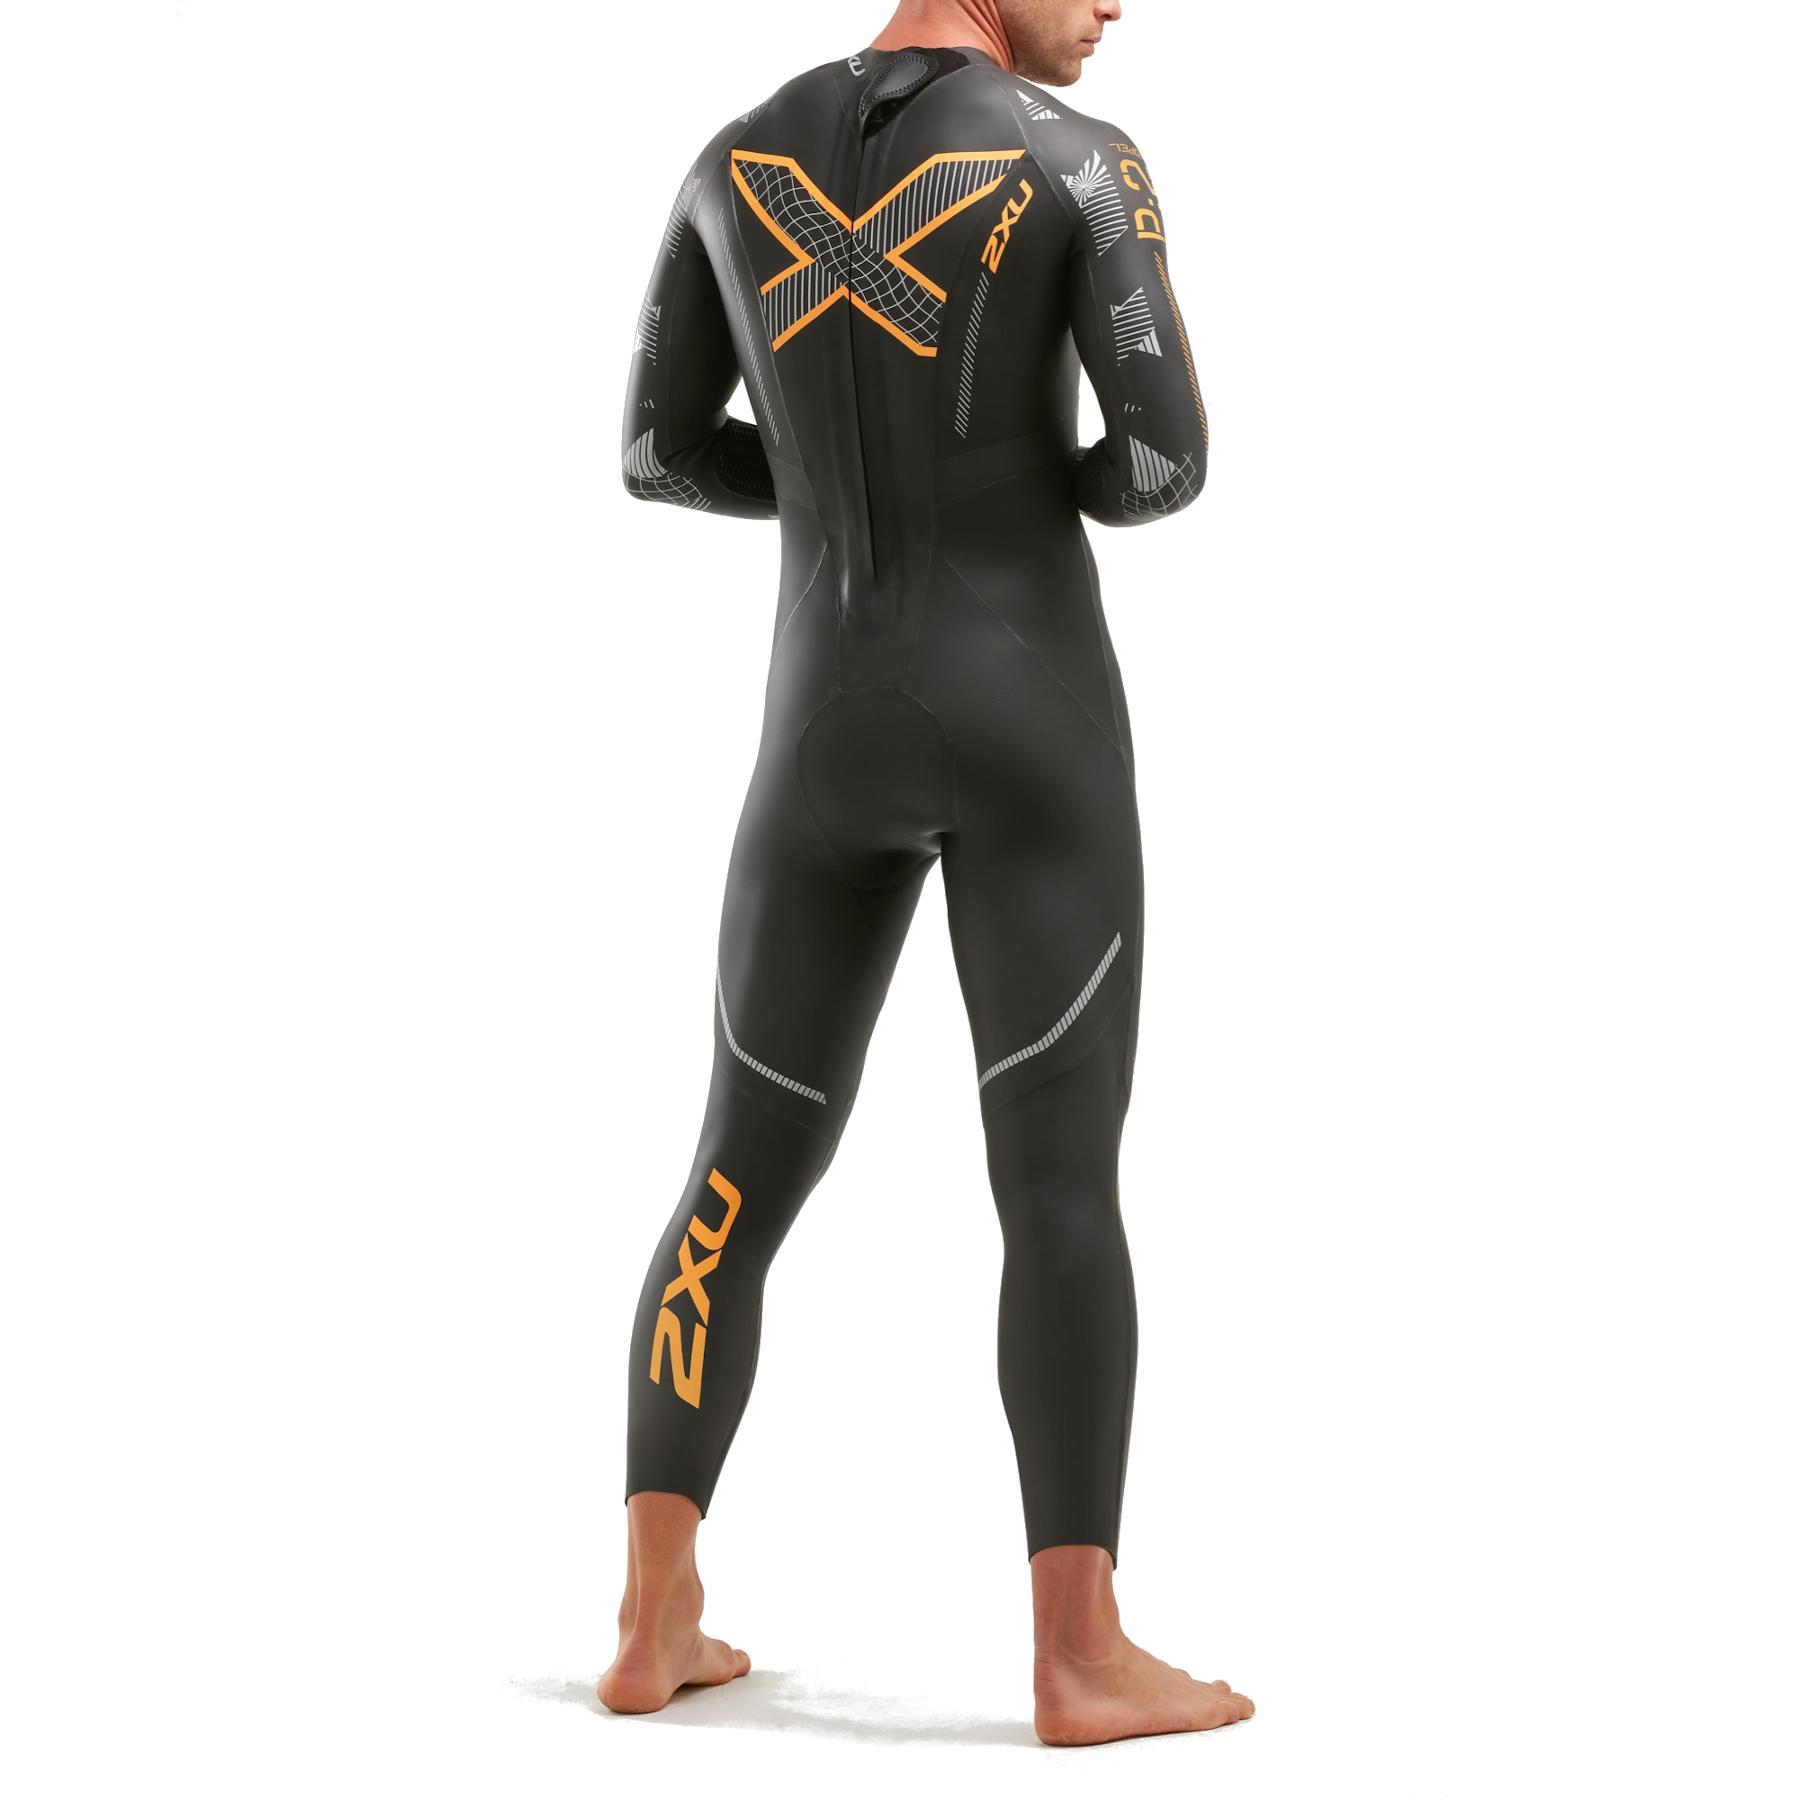 Imagen de 2XU P:2 Propel Wetsuit - black/orange fizz